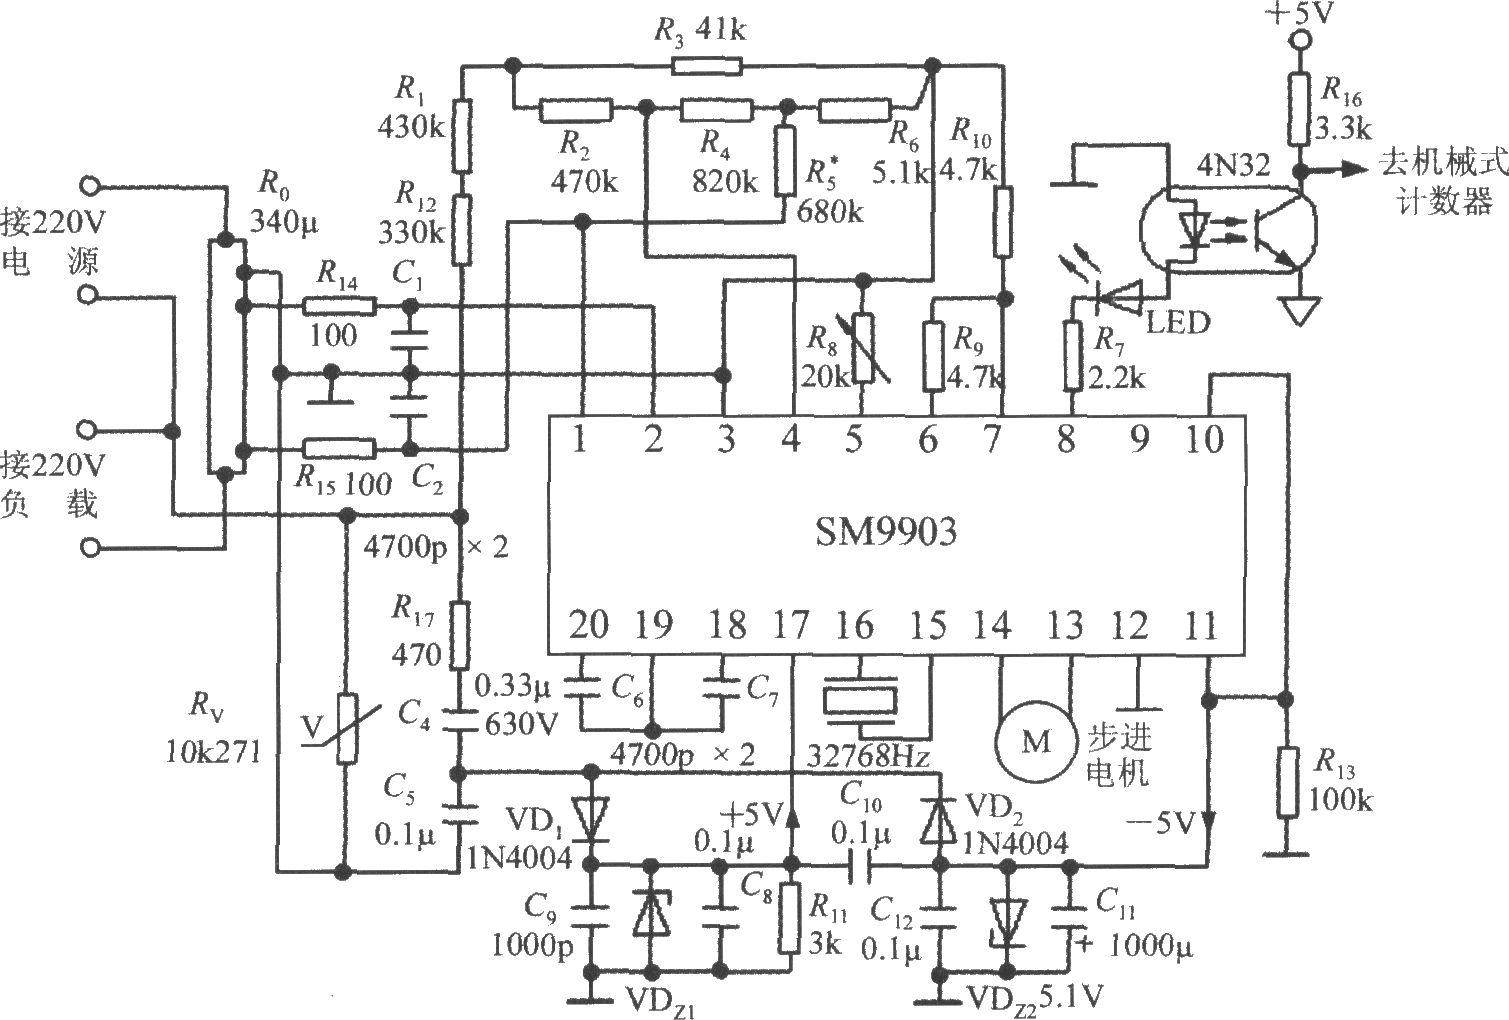 的典型应用电路如图所示。该电能表的常数为1600P/kWh,P表示对应于1kWh电能的输出脉冲(pulse),基本量程为5A,最大量程可达20A。220V交流电经过340的锰铜片电阻R0获得电流取样信号,再通过精密金属膜电阻网络得到电压取样信号。220V交流电采用电容降压的方式为电路提供电源,C4为降压电容,VDz1、VDz2分别为+5V电源、-5v电源中的稳压管。从第8脚输出的有功功率积算脉冲,经过光耦合器4N32送至机械式计数器。采用32768Hz石英晶体,要求频率稳定度为30X 10-6/oC,其